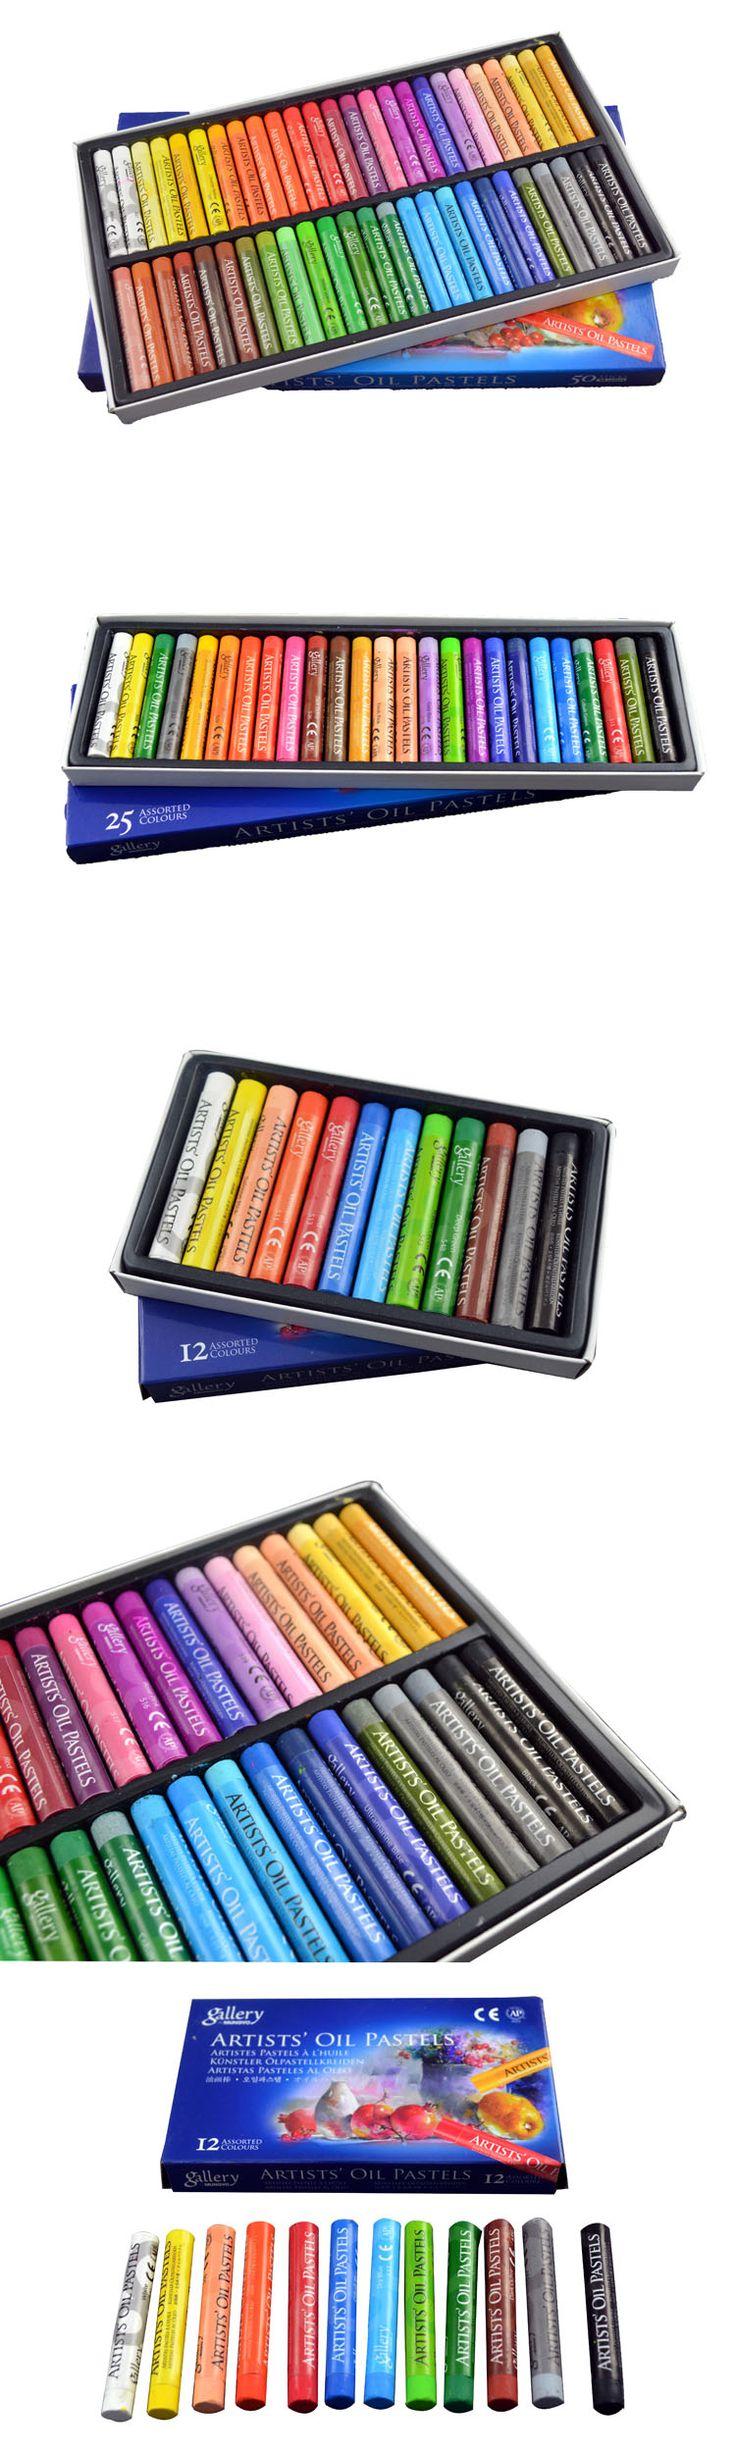 Ассорти 12 / 25 / 48 цвета Artists' круглые пастель комплект канцелярские школьные принадлежности для рисования детей подарок купить на AliExpress